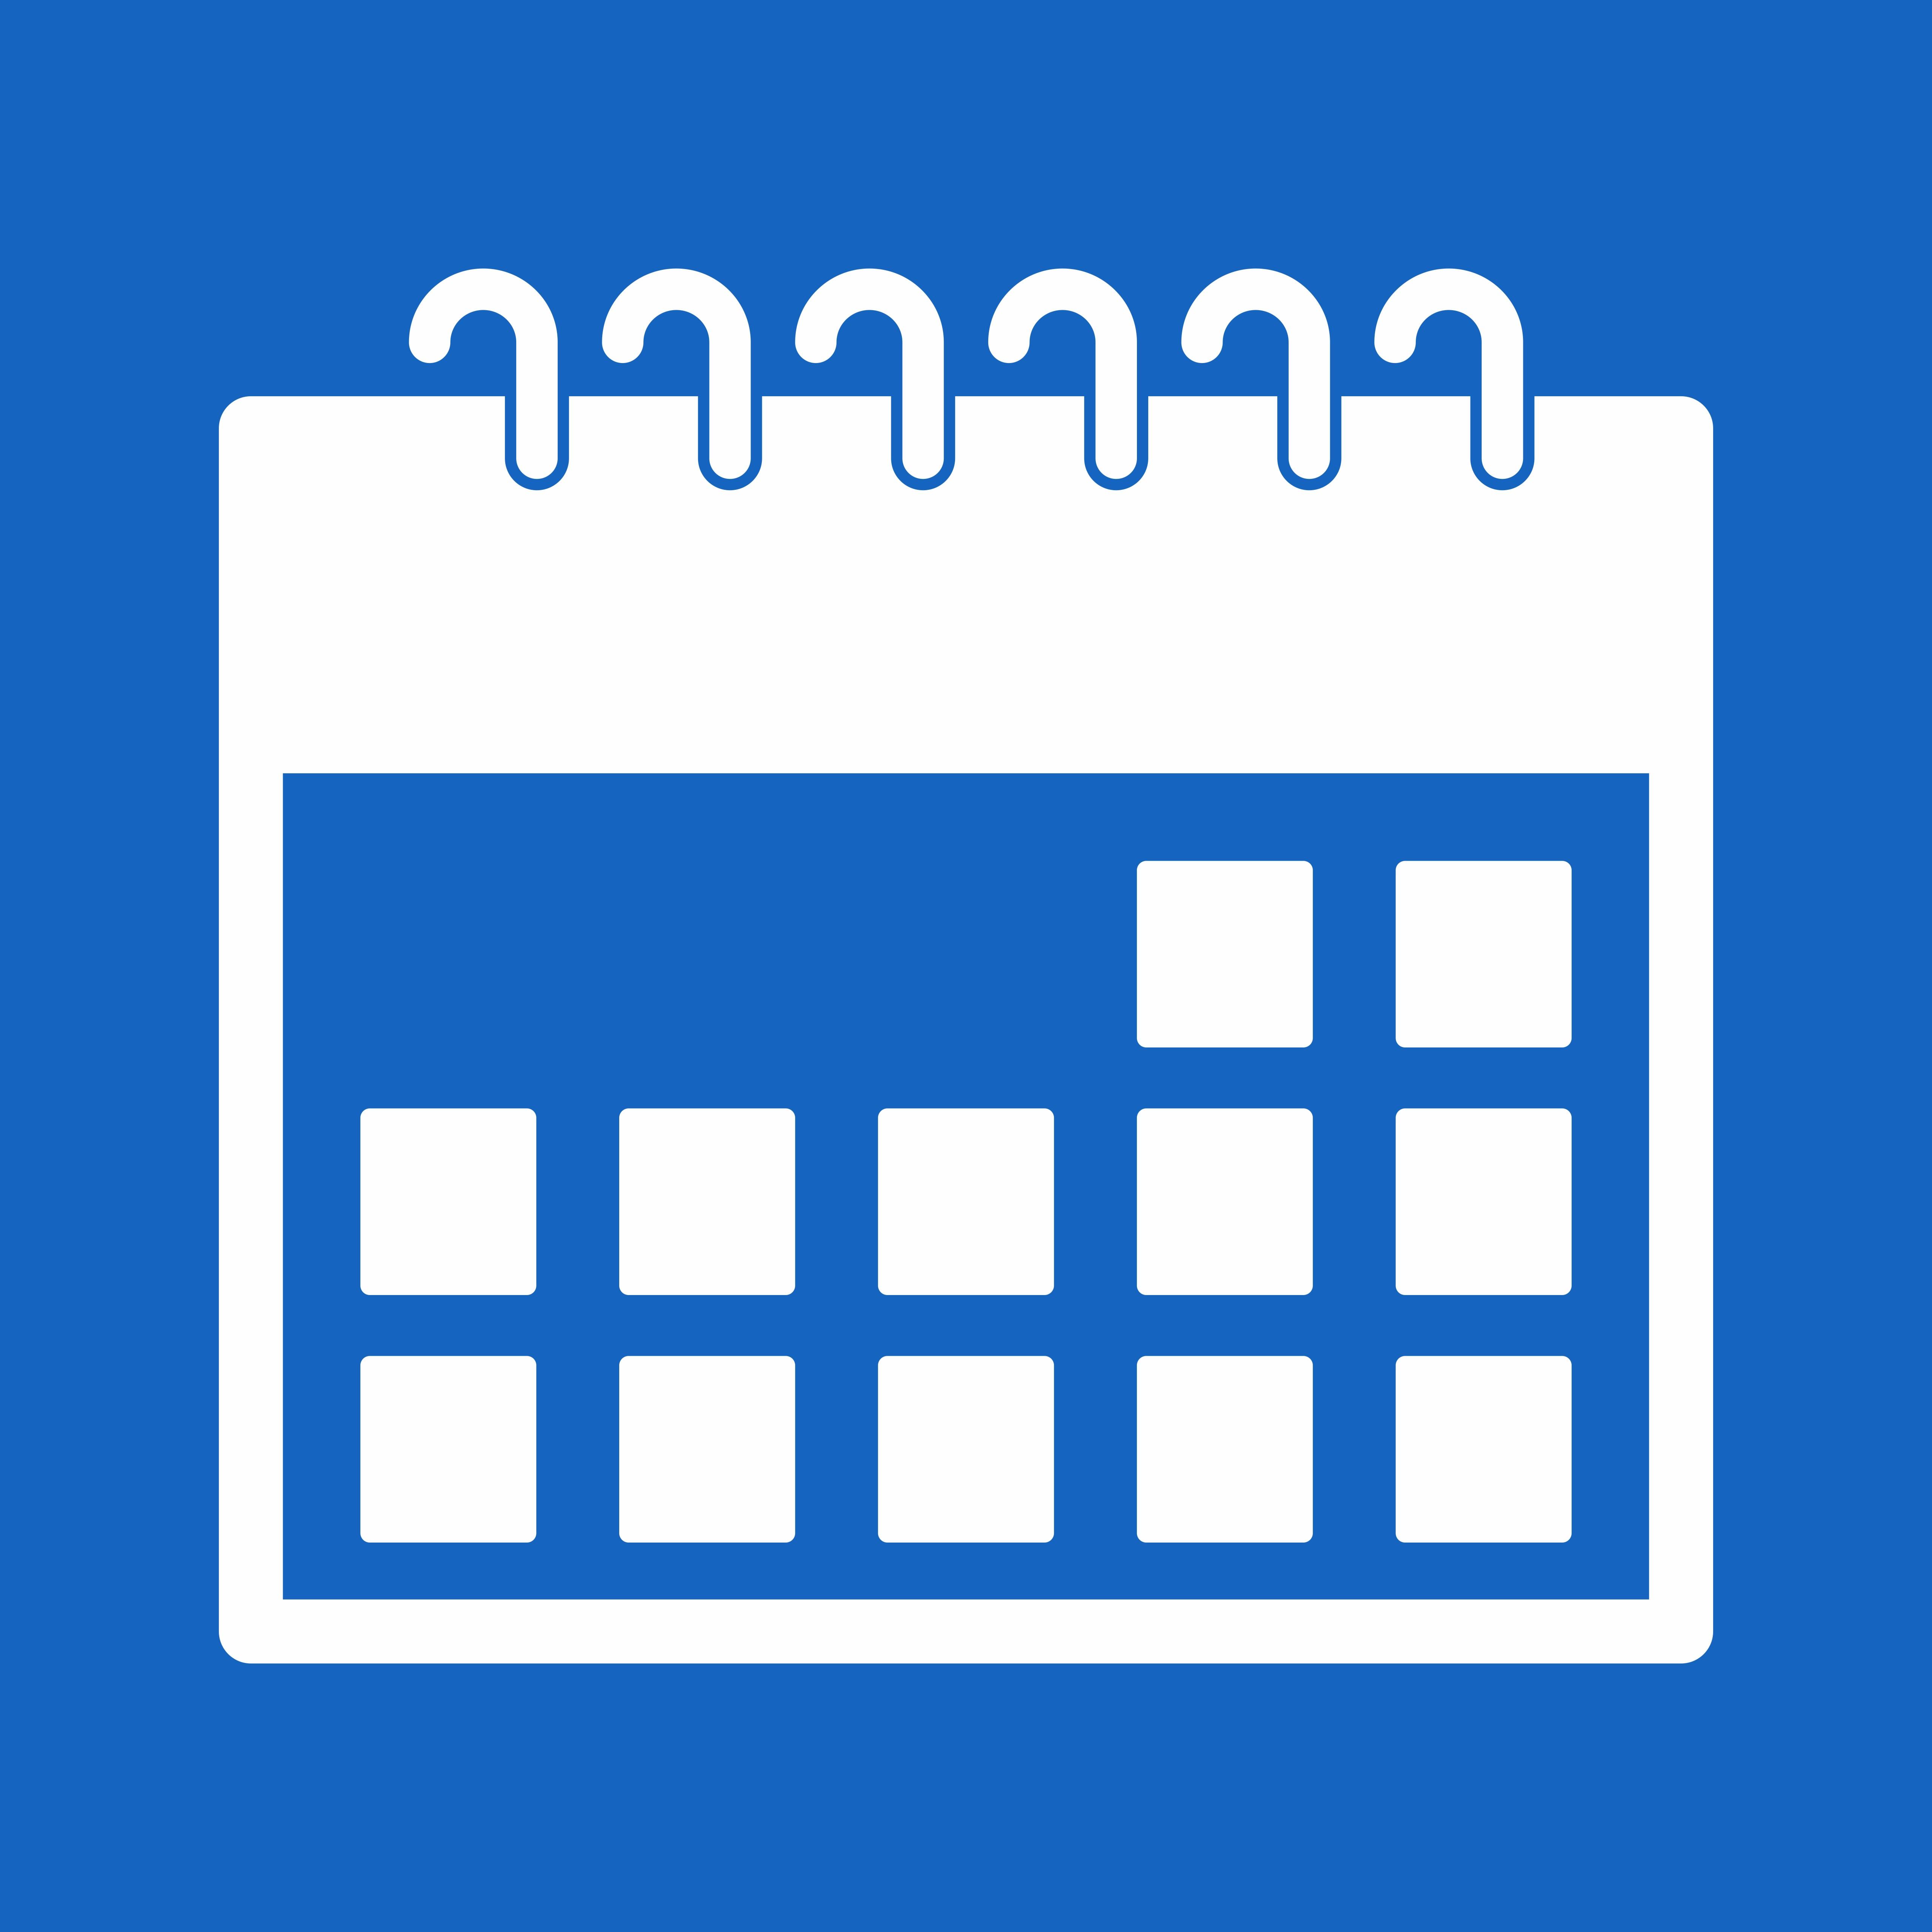 календарь значок картинка время